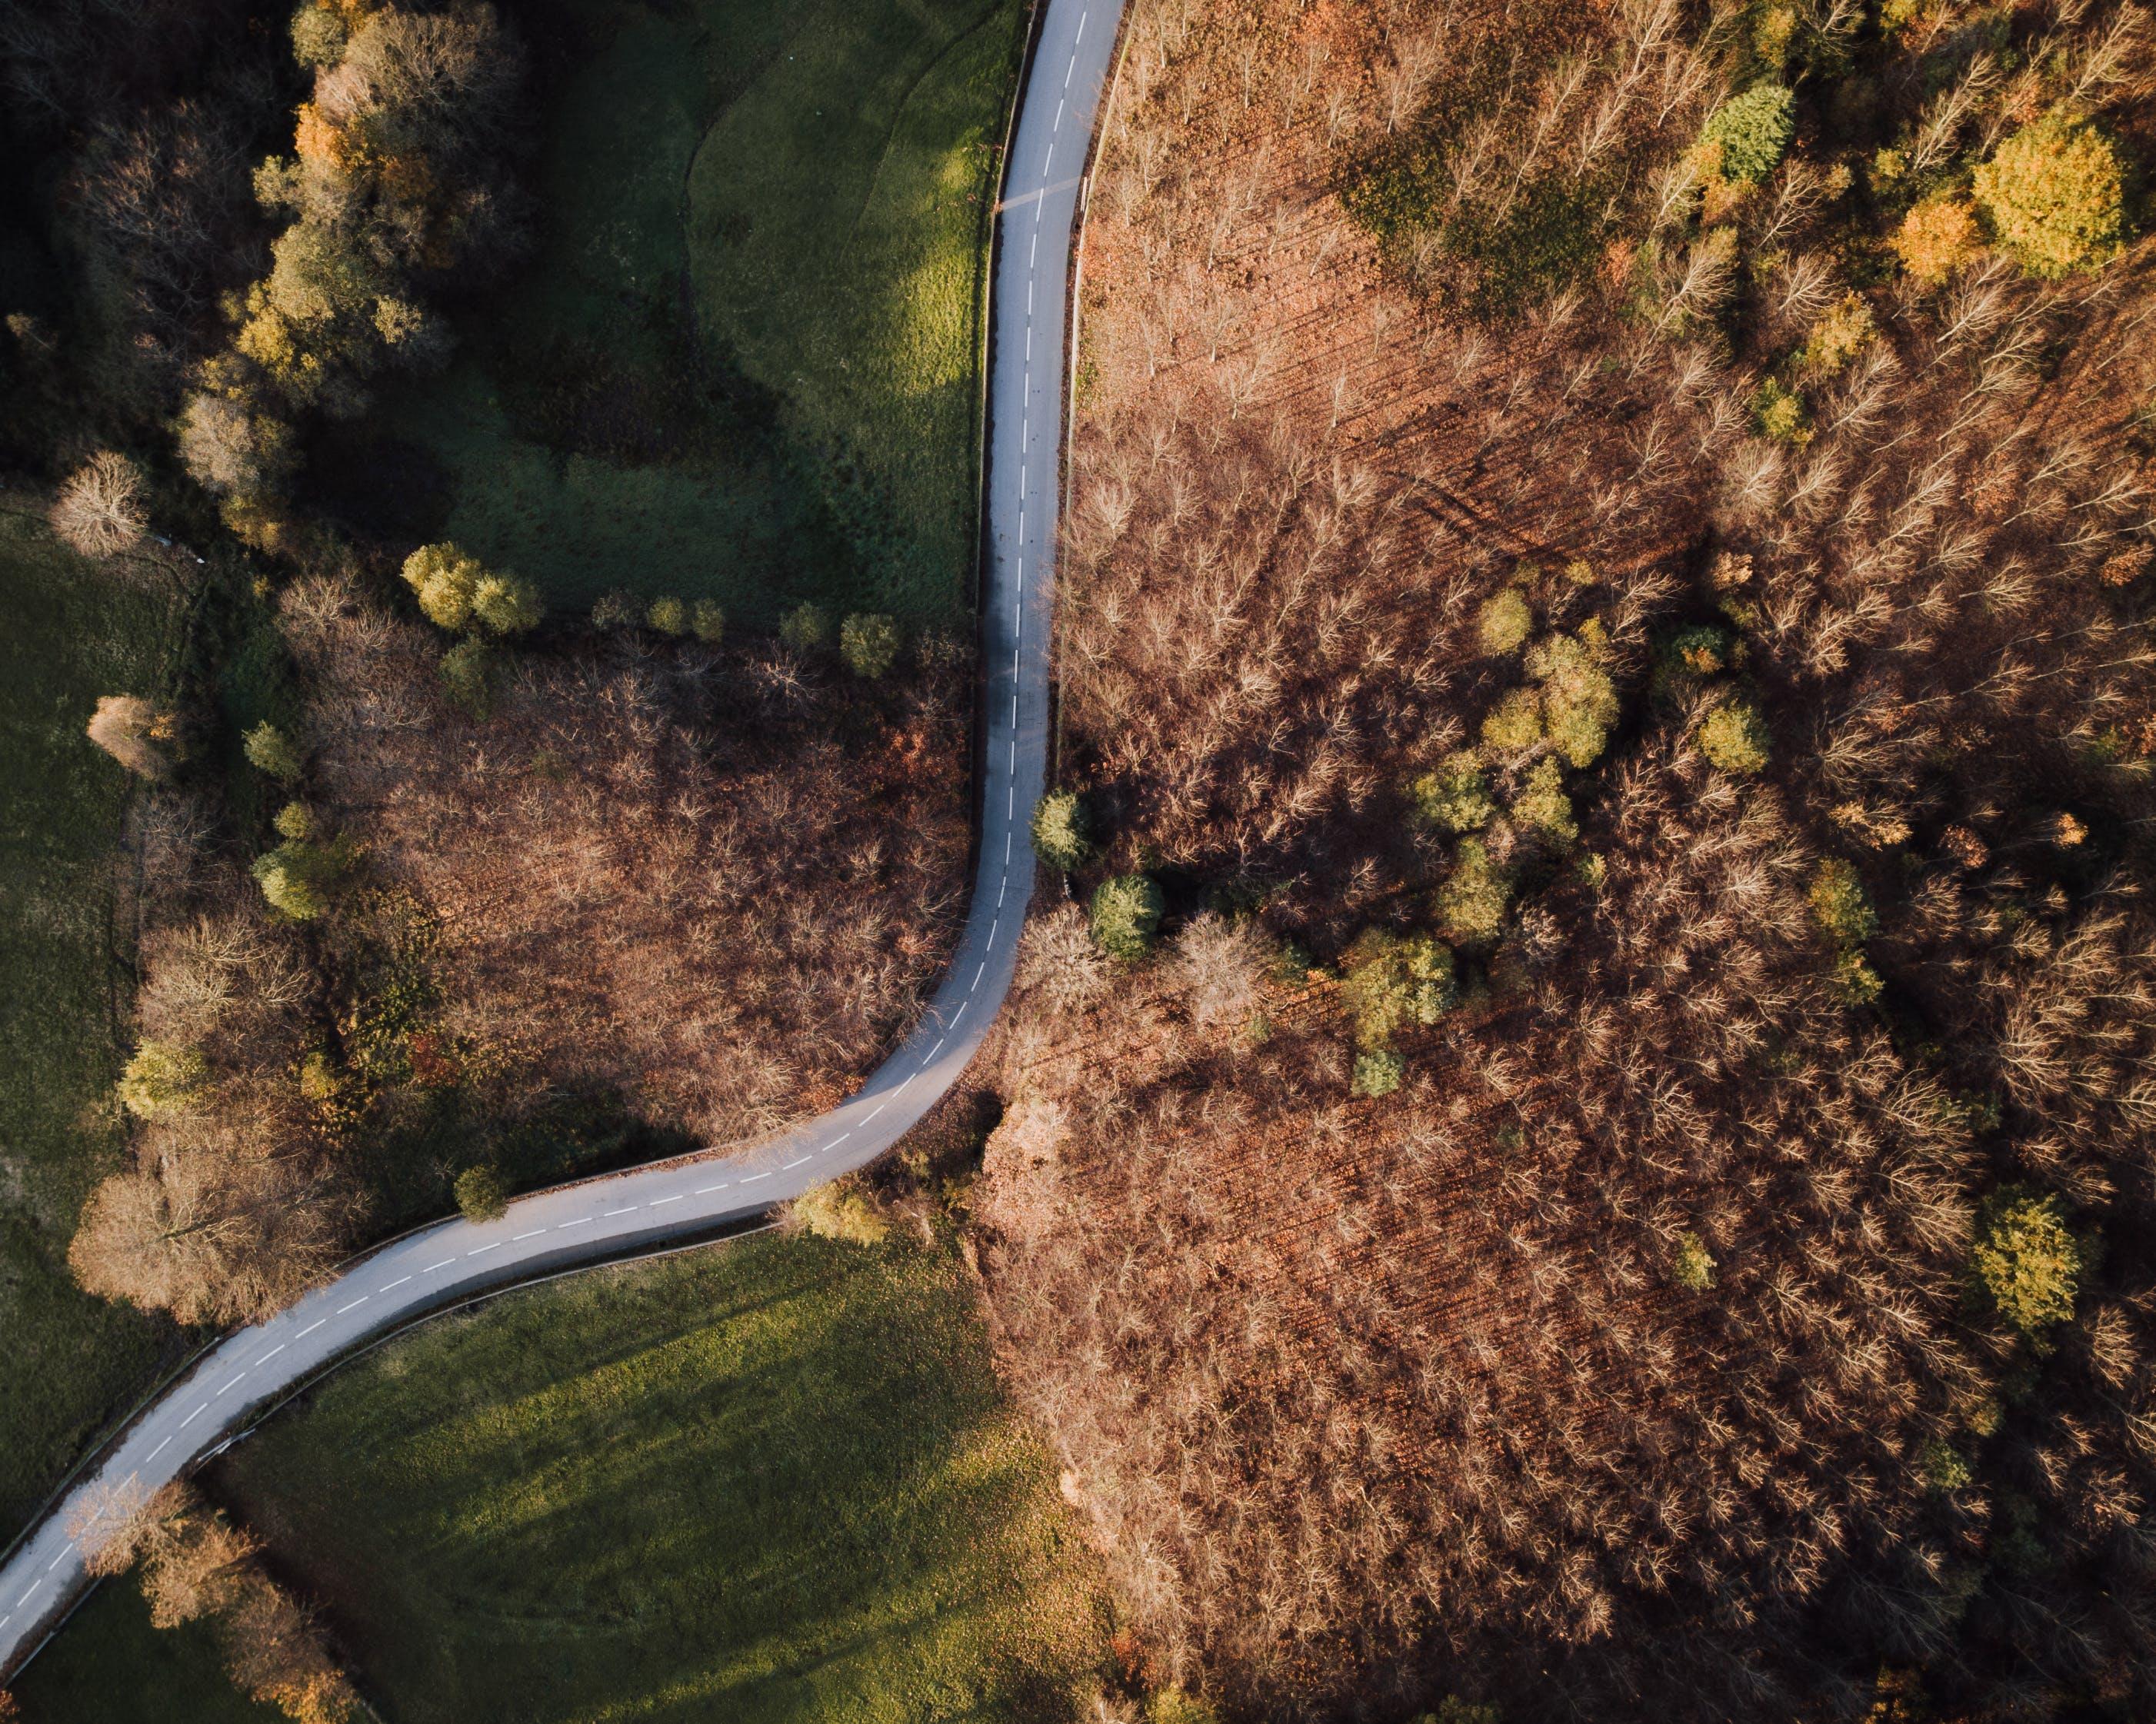 Безкоштовне стокове фото на тему «аерознімок, Денне світло, дерева, дорога»